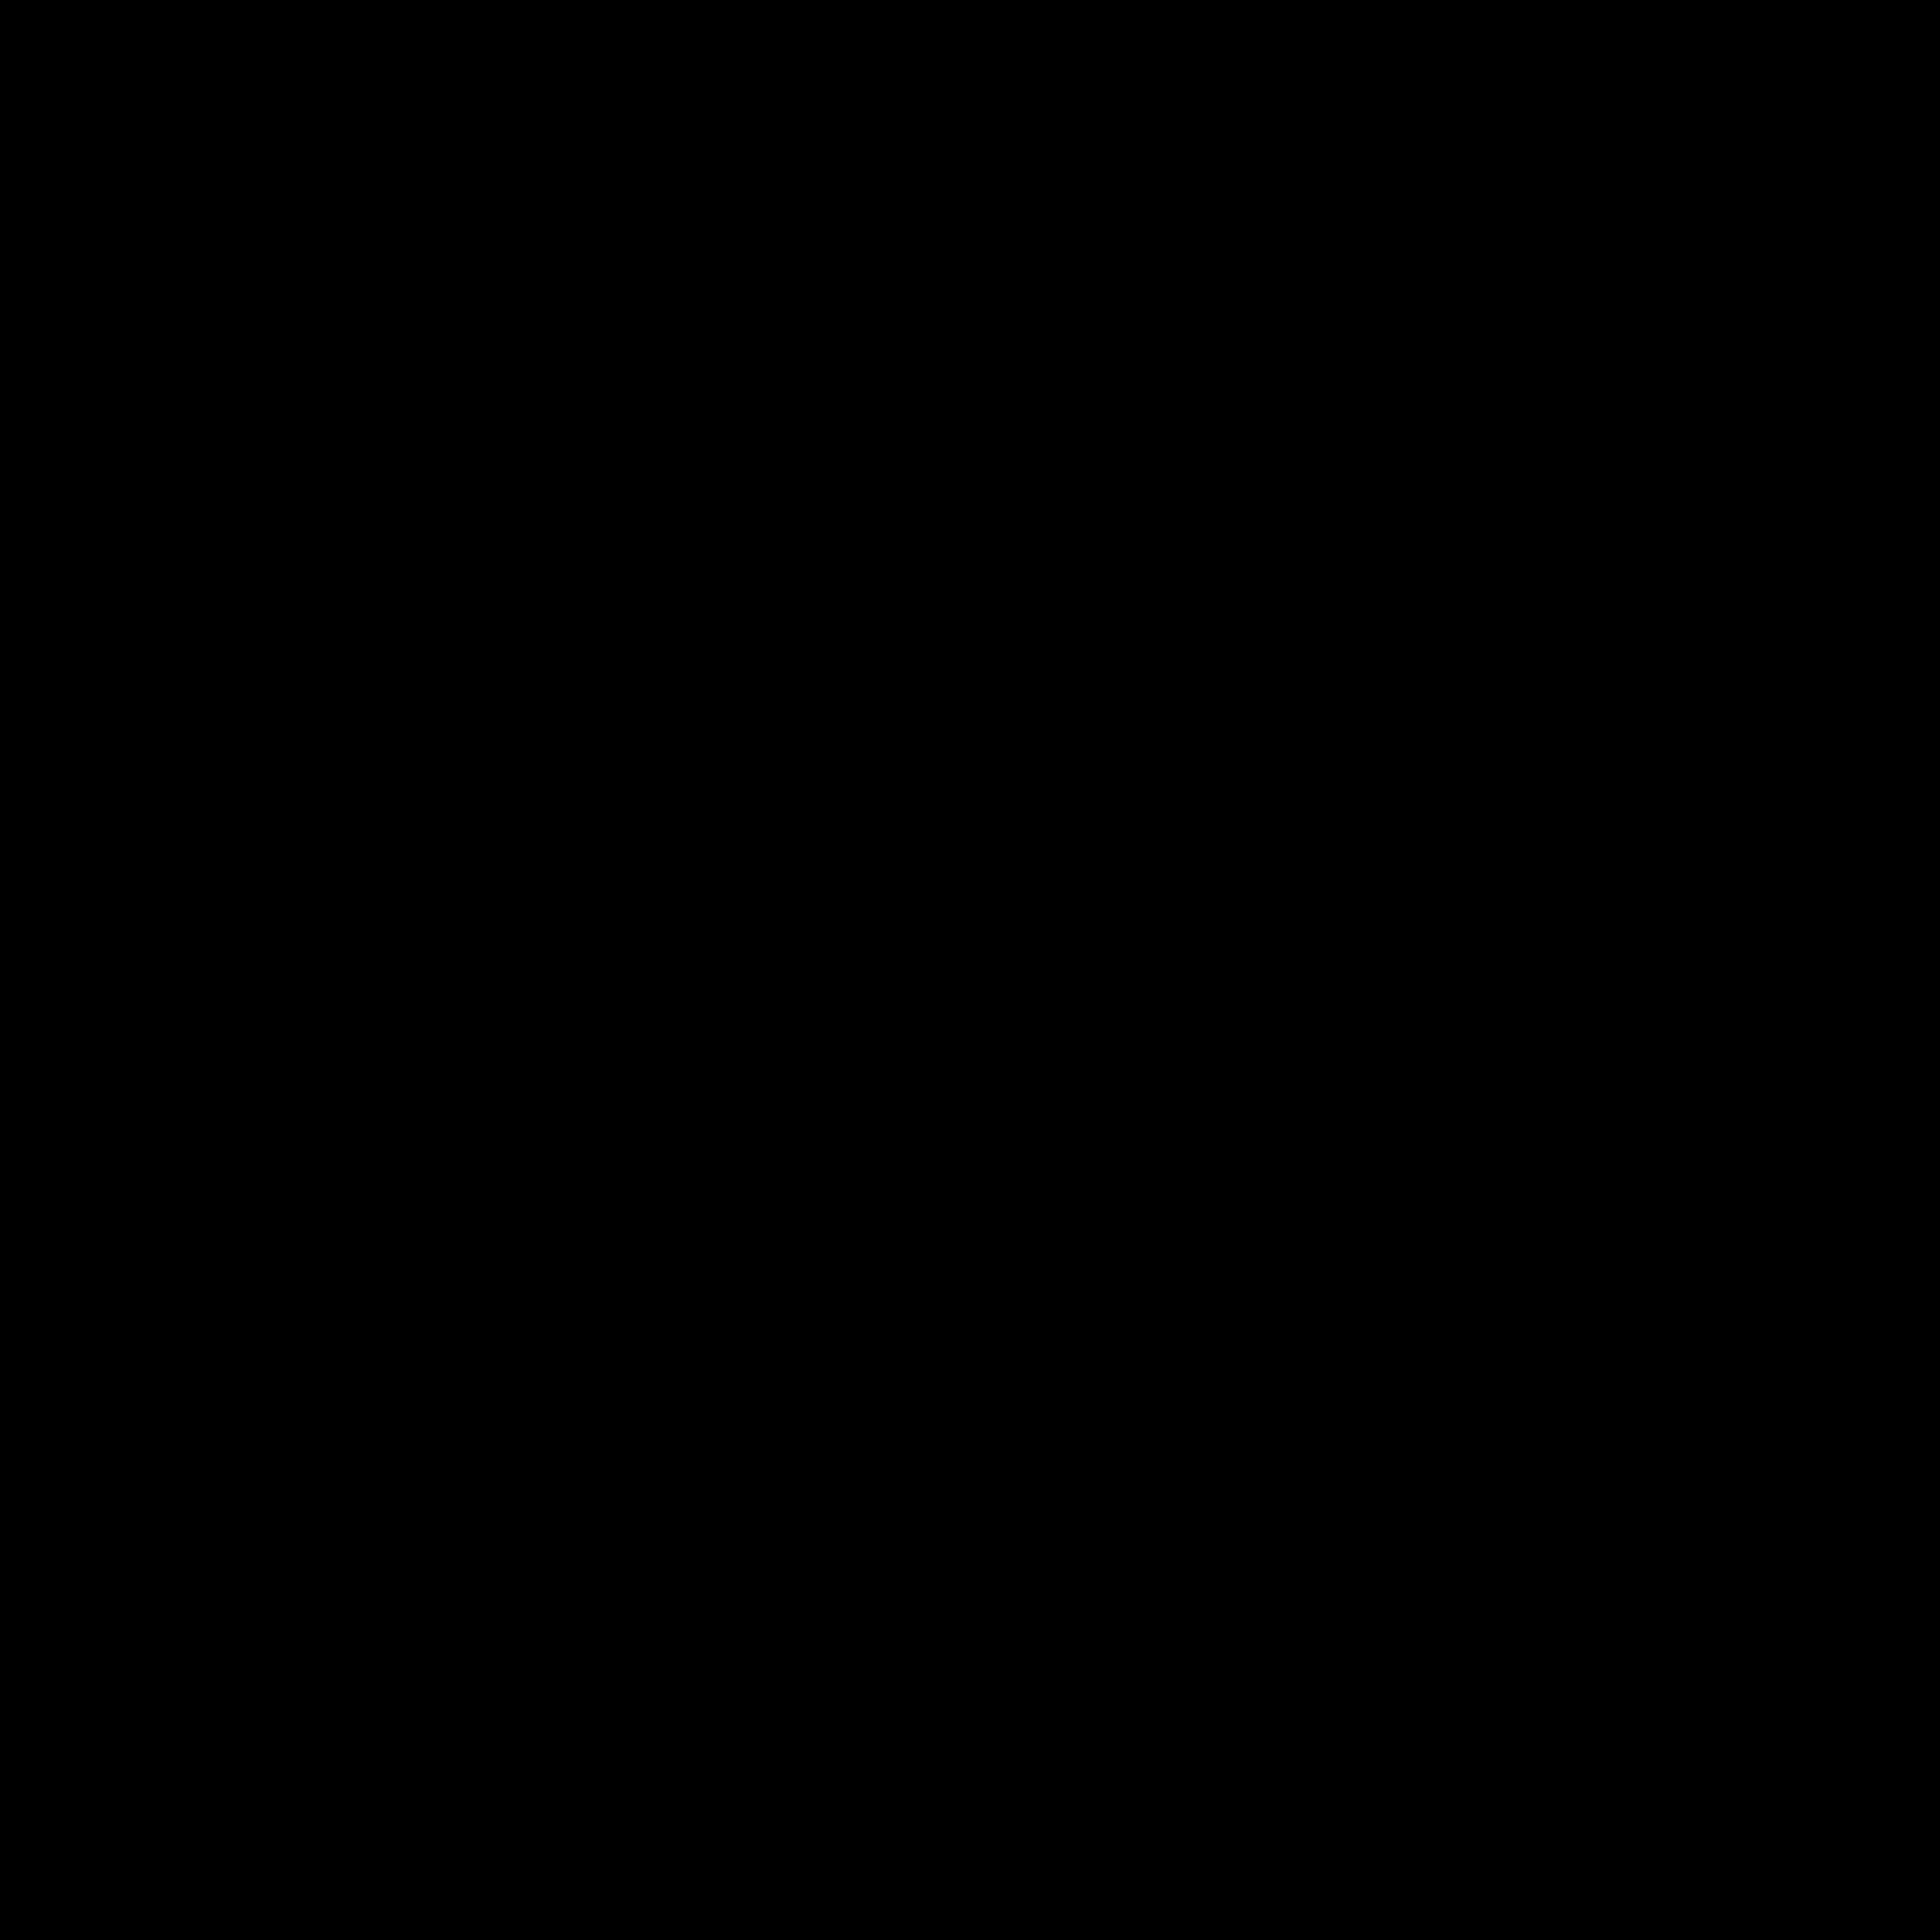 2344x2344 Zodiac Line Art